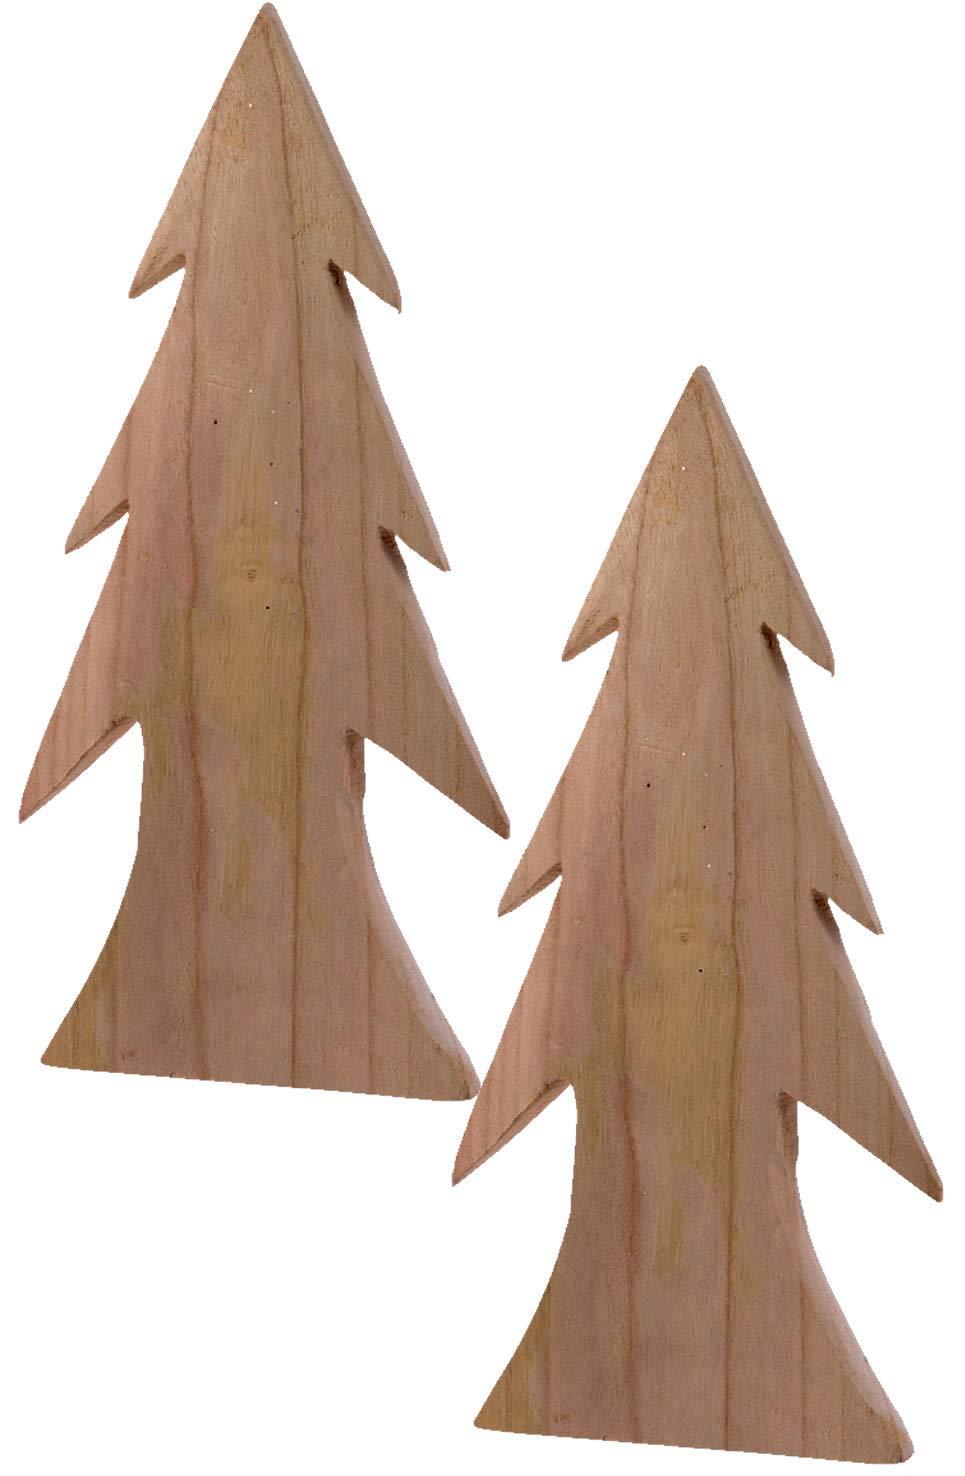 LS-LebenStil-2X-XL-Design-Deko-Holz-Weihnachtsbaum-Set-33cm-Braun-Tannenbaum-Holz-Baum-X-Mas